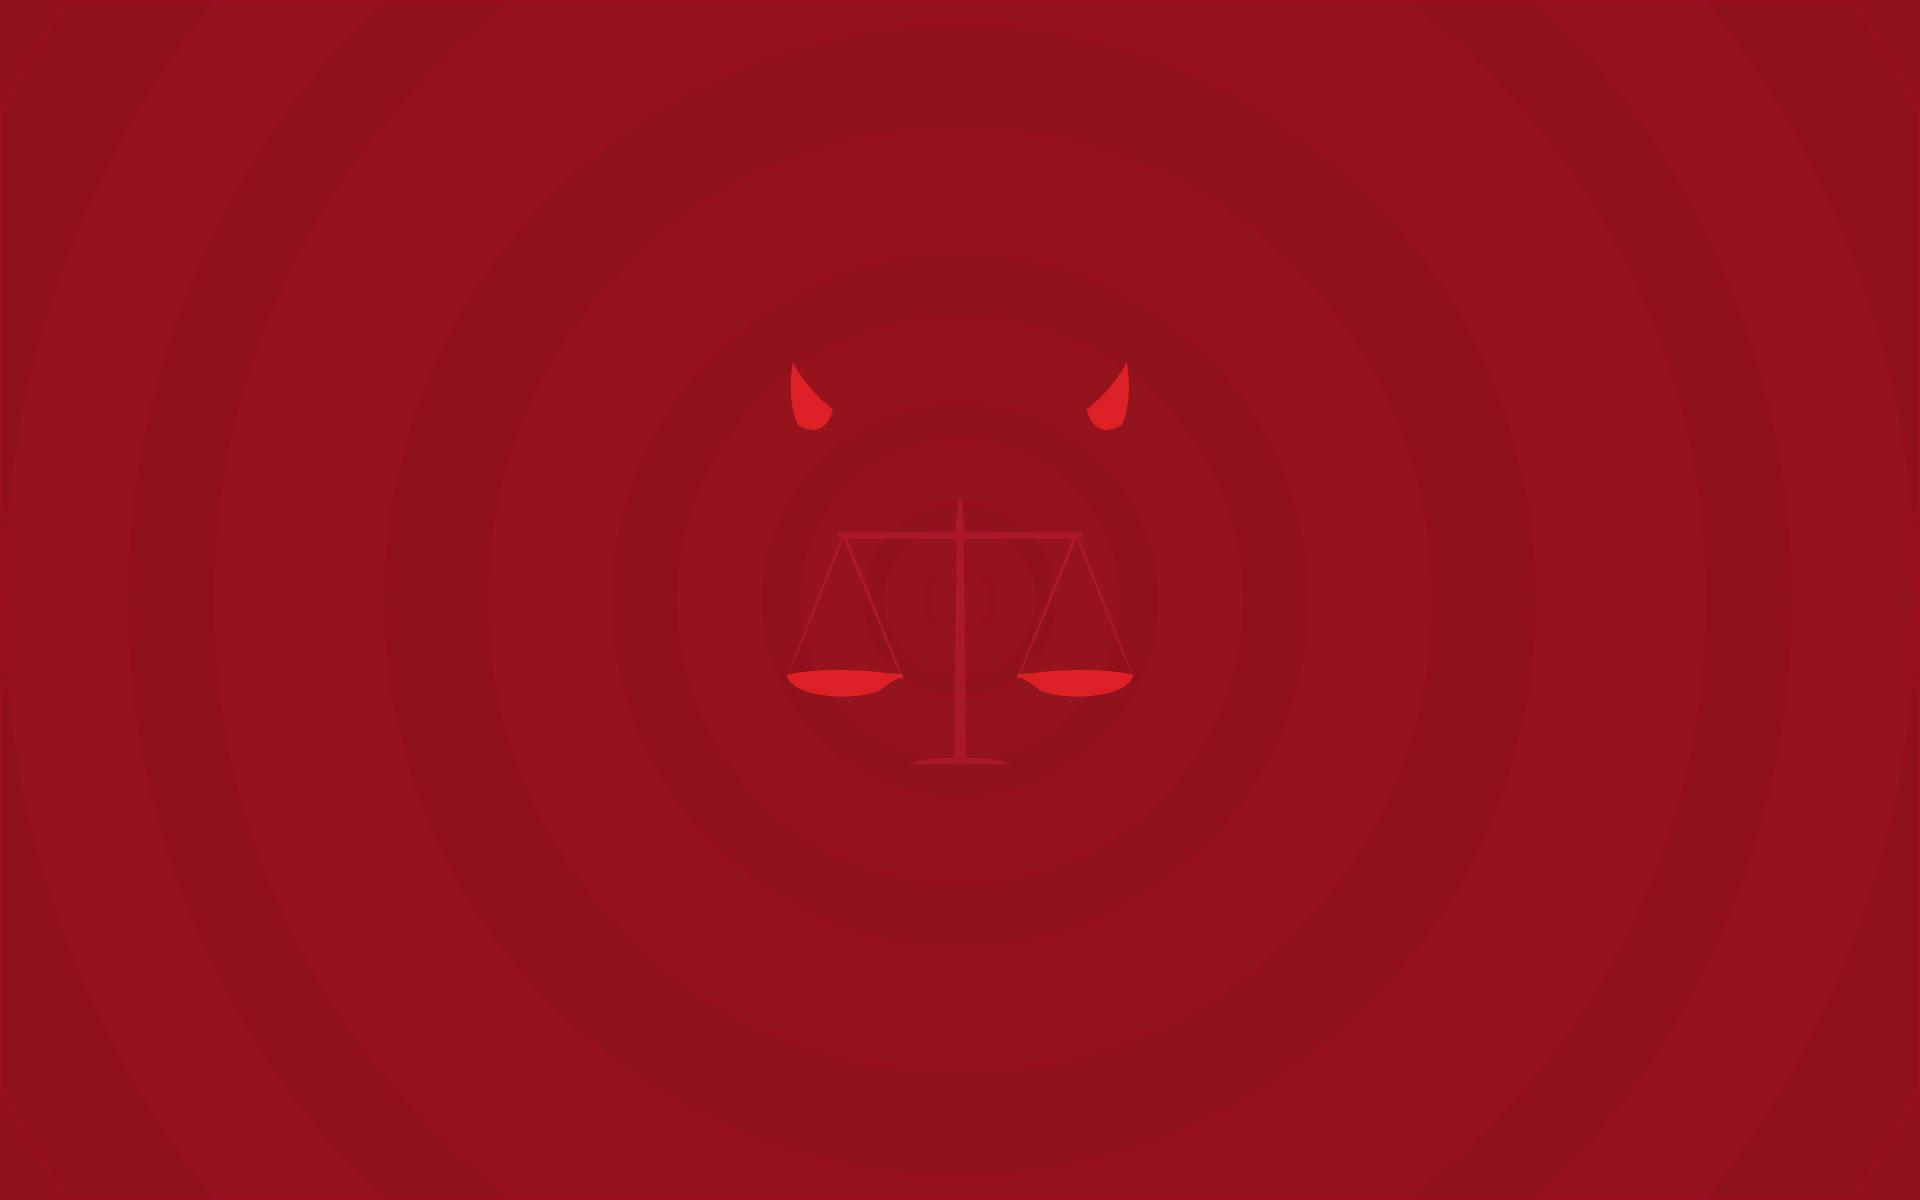 … Daredevil; Daredevil